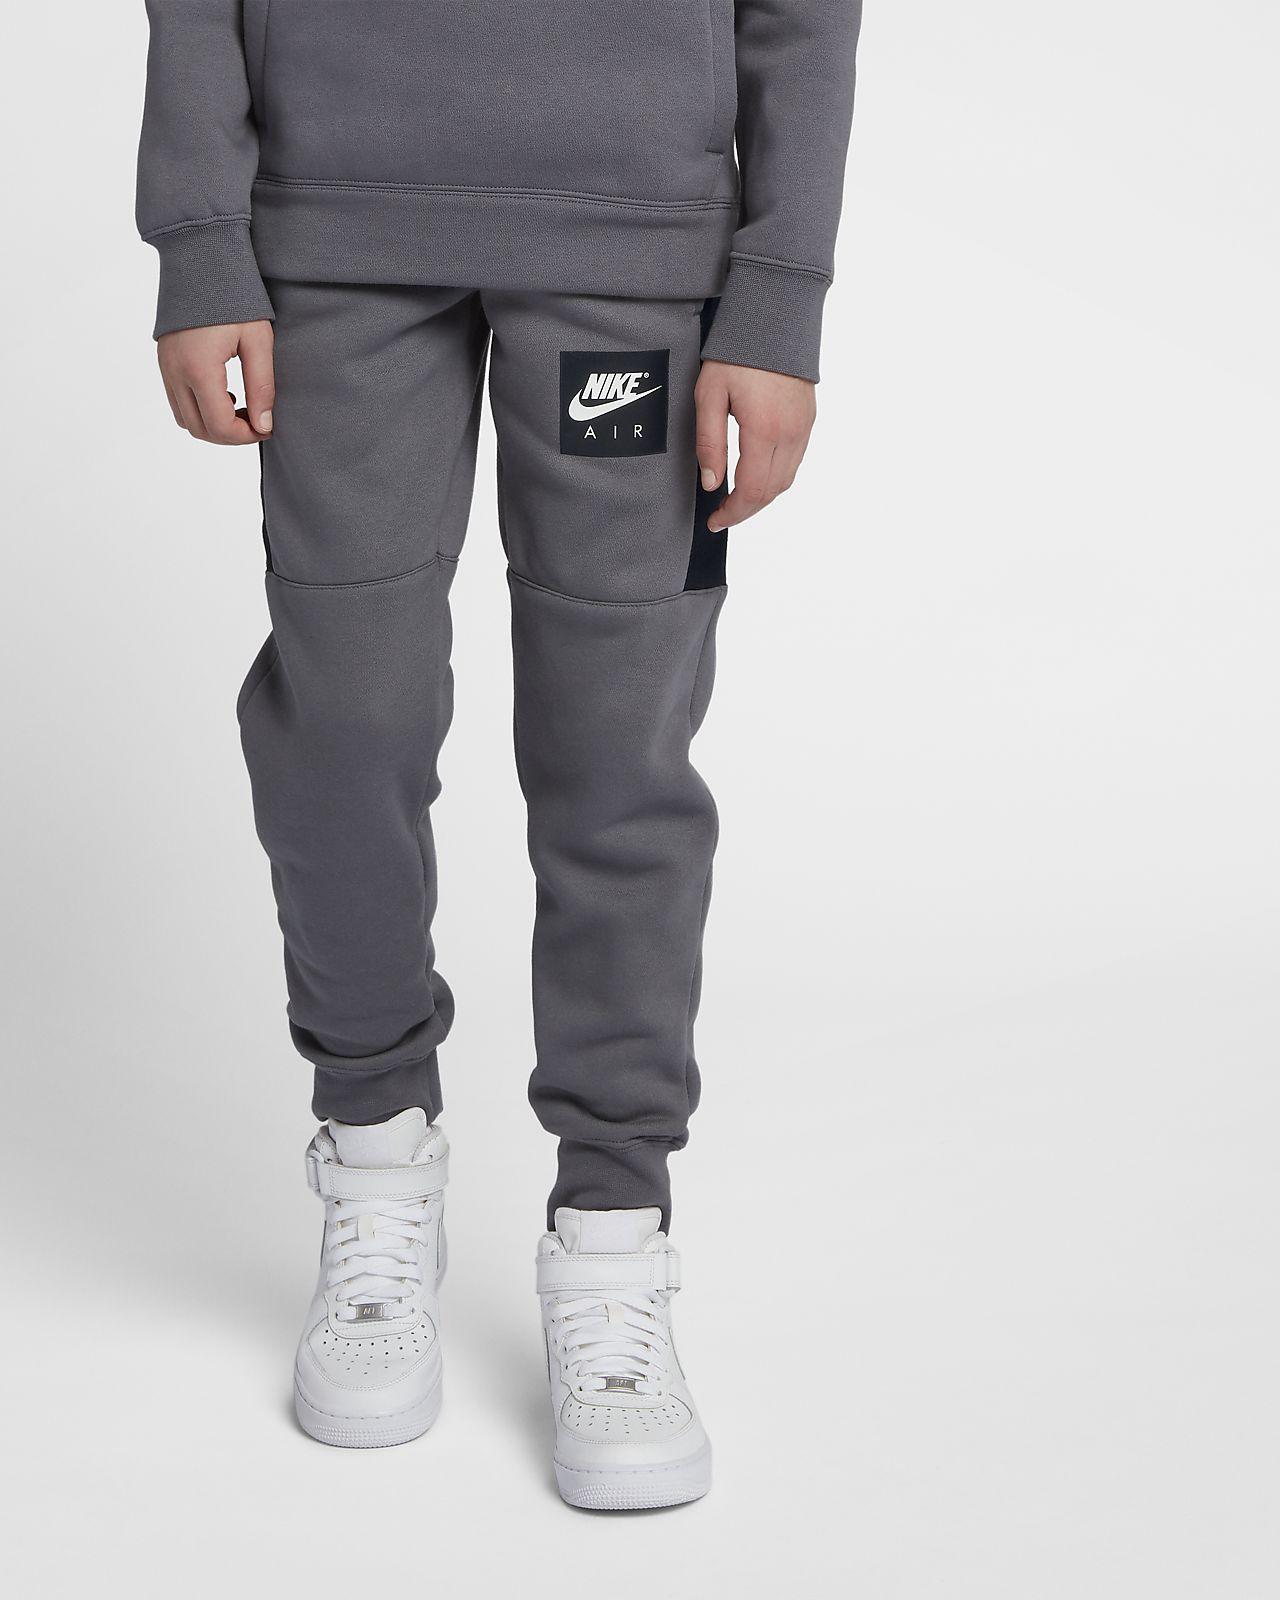 ... Nike Air Older Kids' (Boys') Trousers